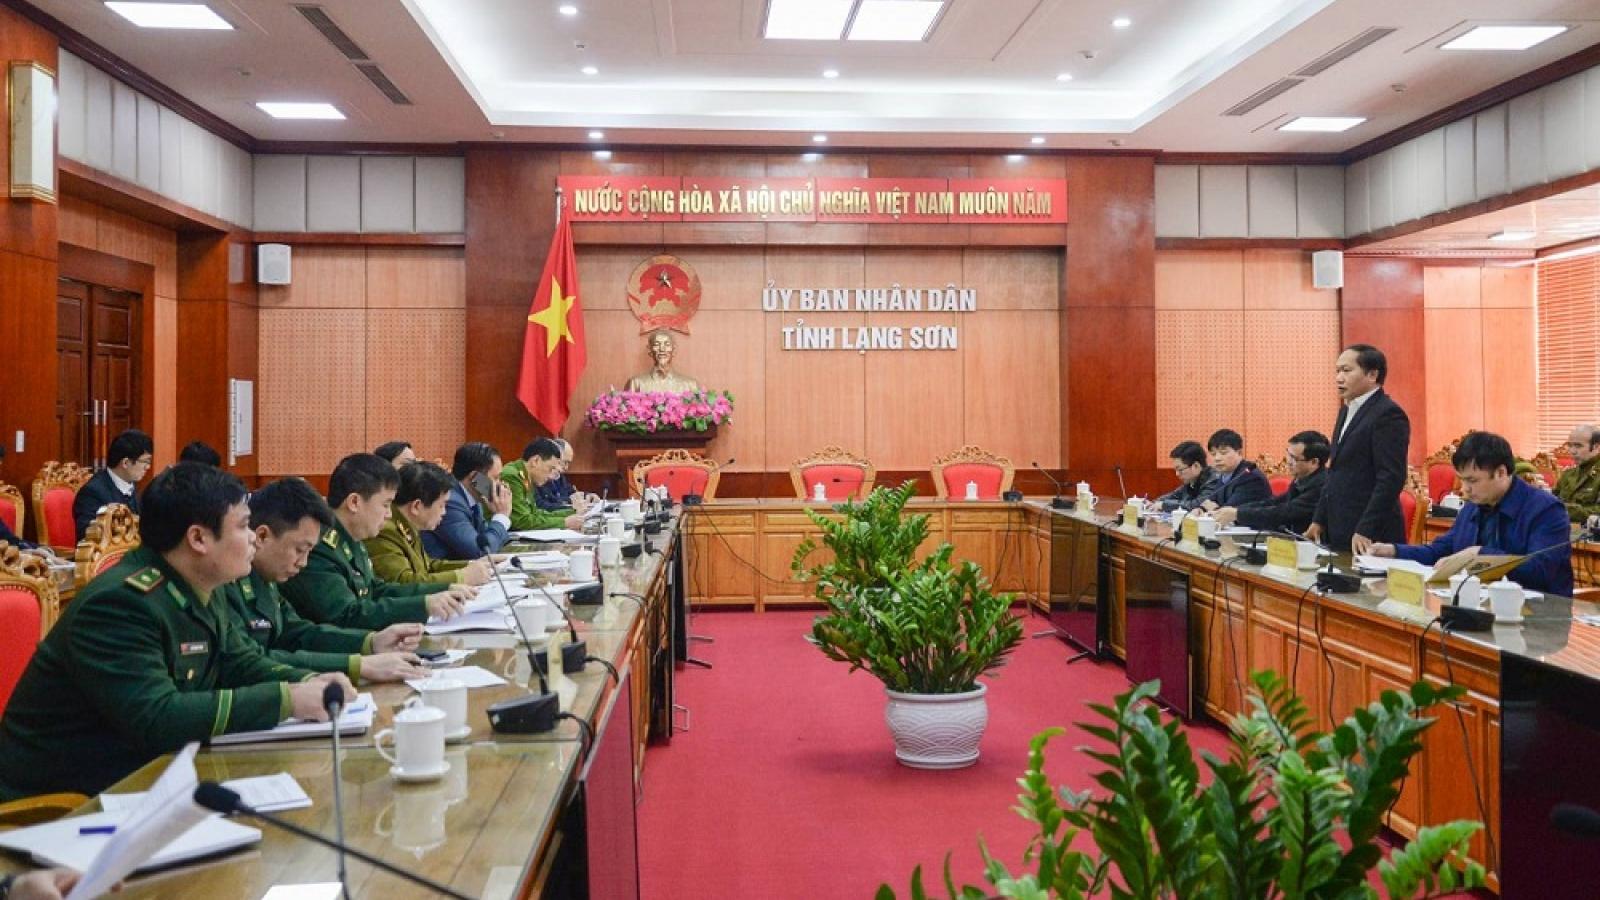 Triển khai đợt cao điểm chống buôn lậu trong dịp Tết Nguyên đán Tân Sửu 2021